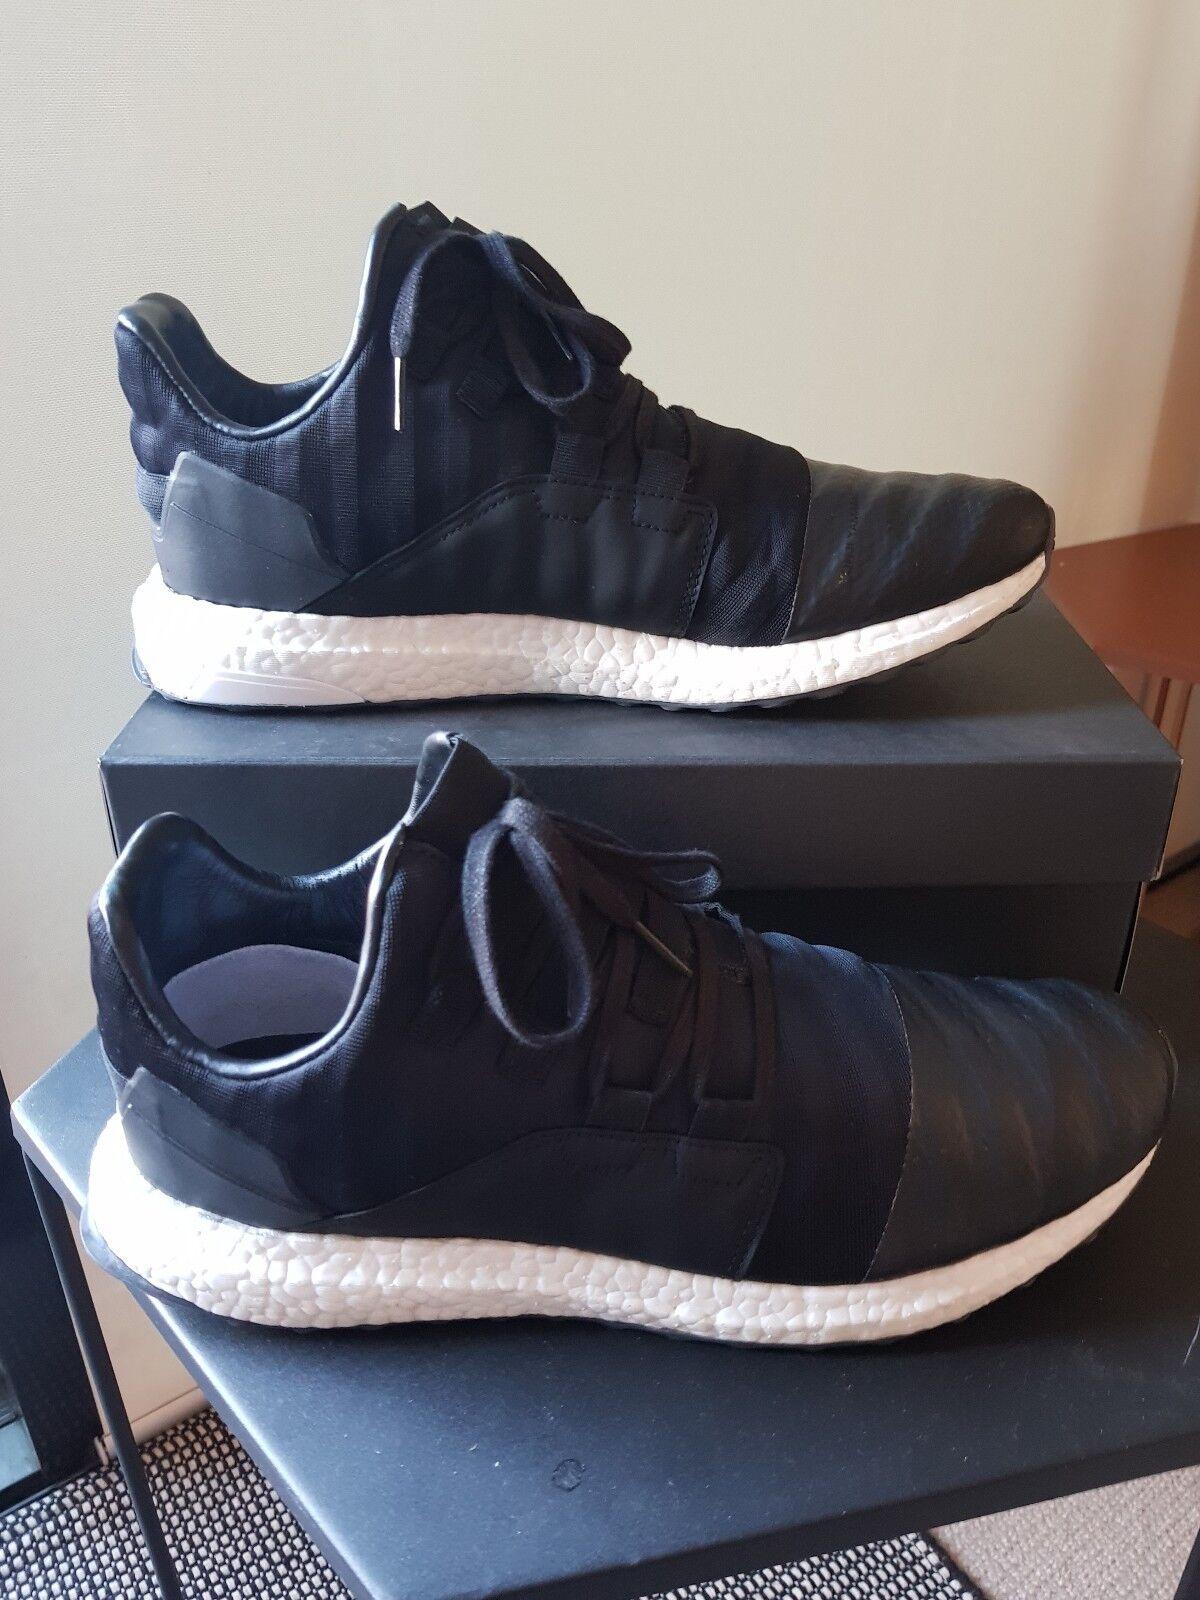 Adidas Y-3 Kozoko, Negro blancoo, 11.5US, 11.5US, 11.5US, Muy Buen Estado Usado 9451c0